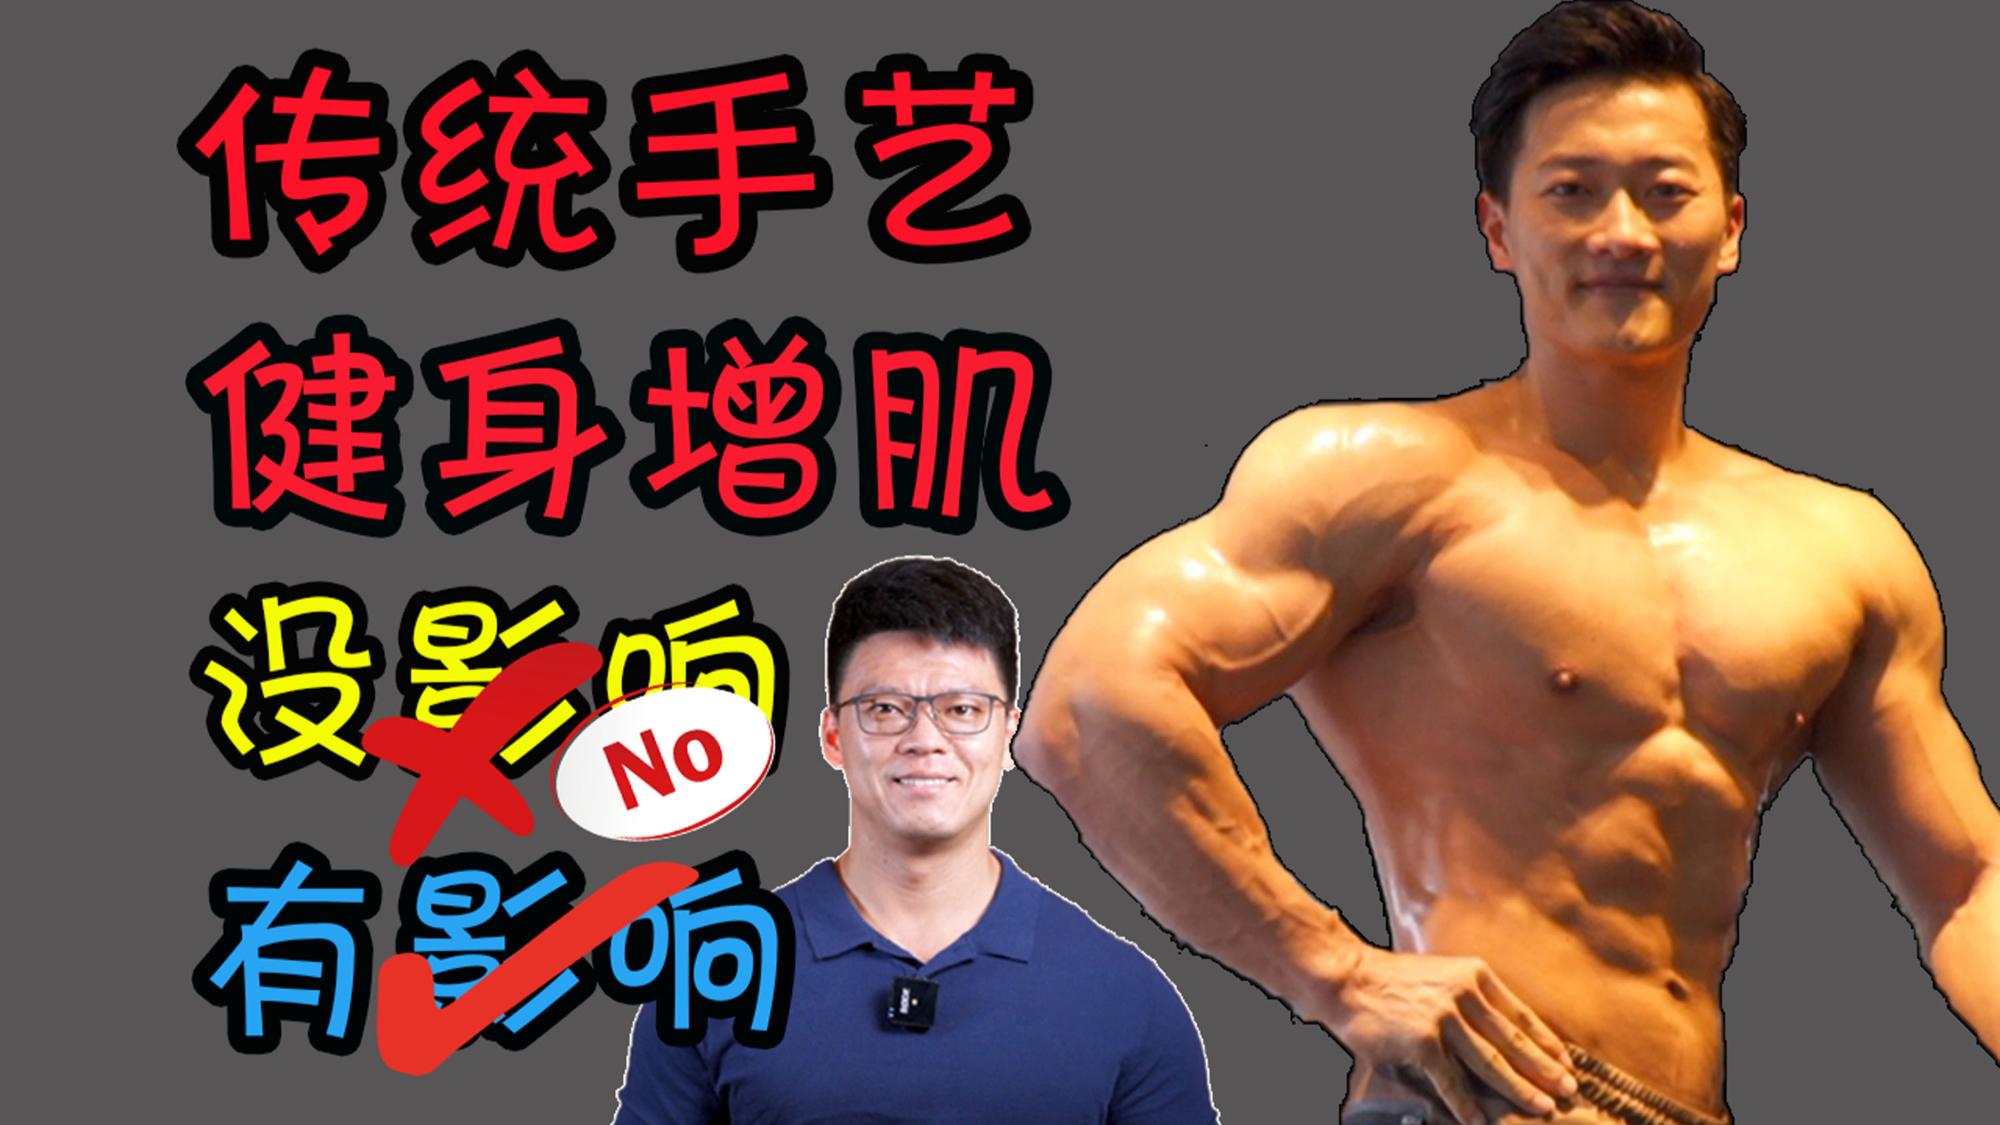 传统手艺为什么会影响健身增肌?如何避免力量训练表现大打折扣?